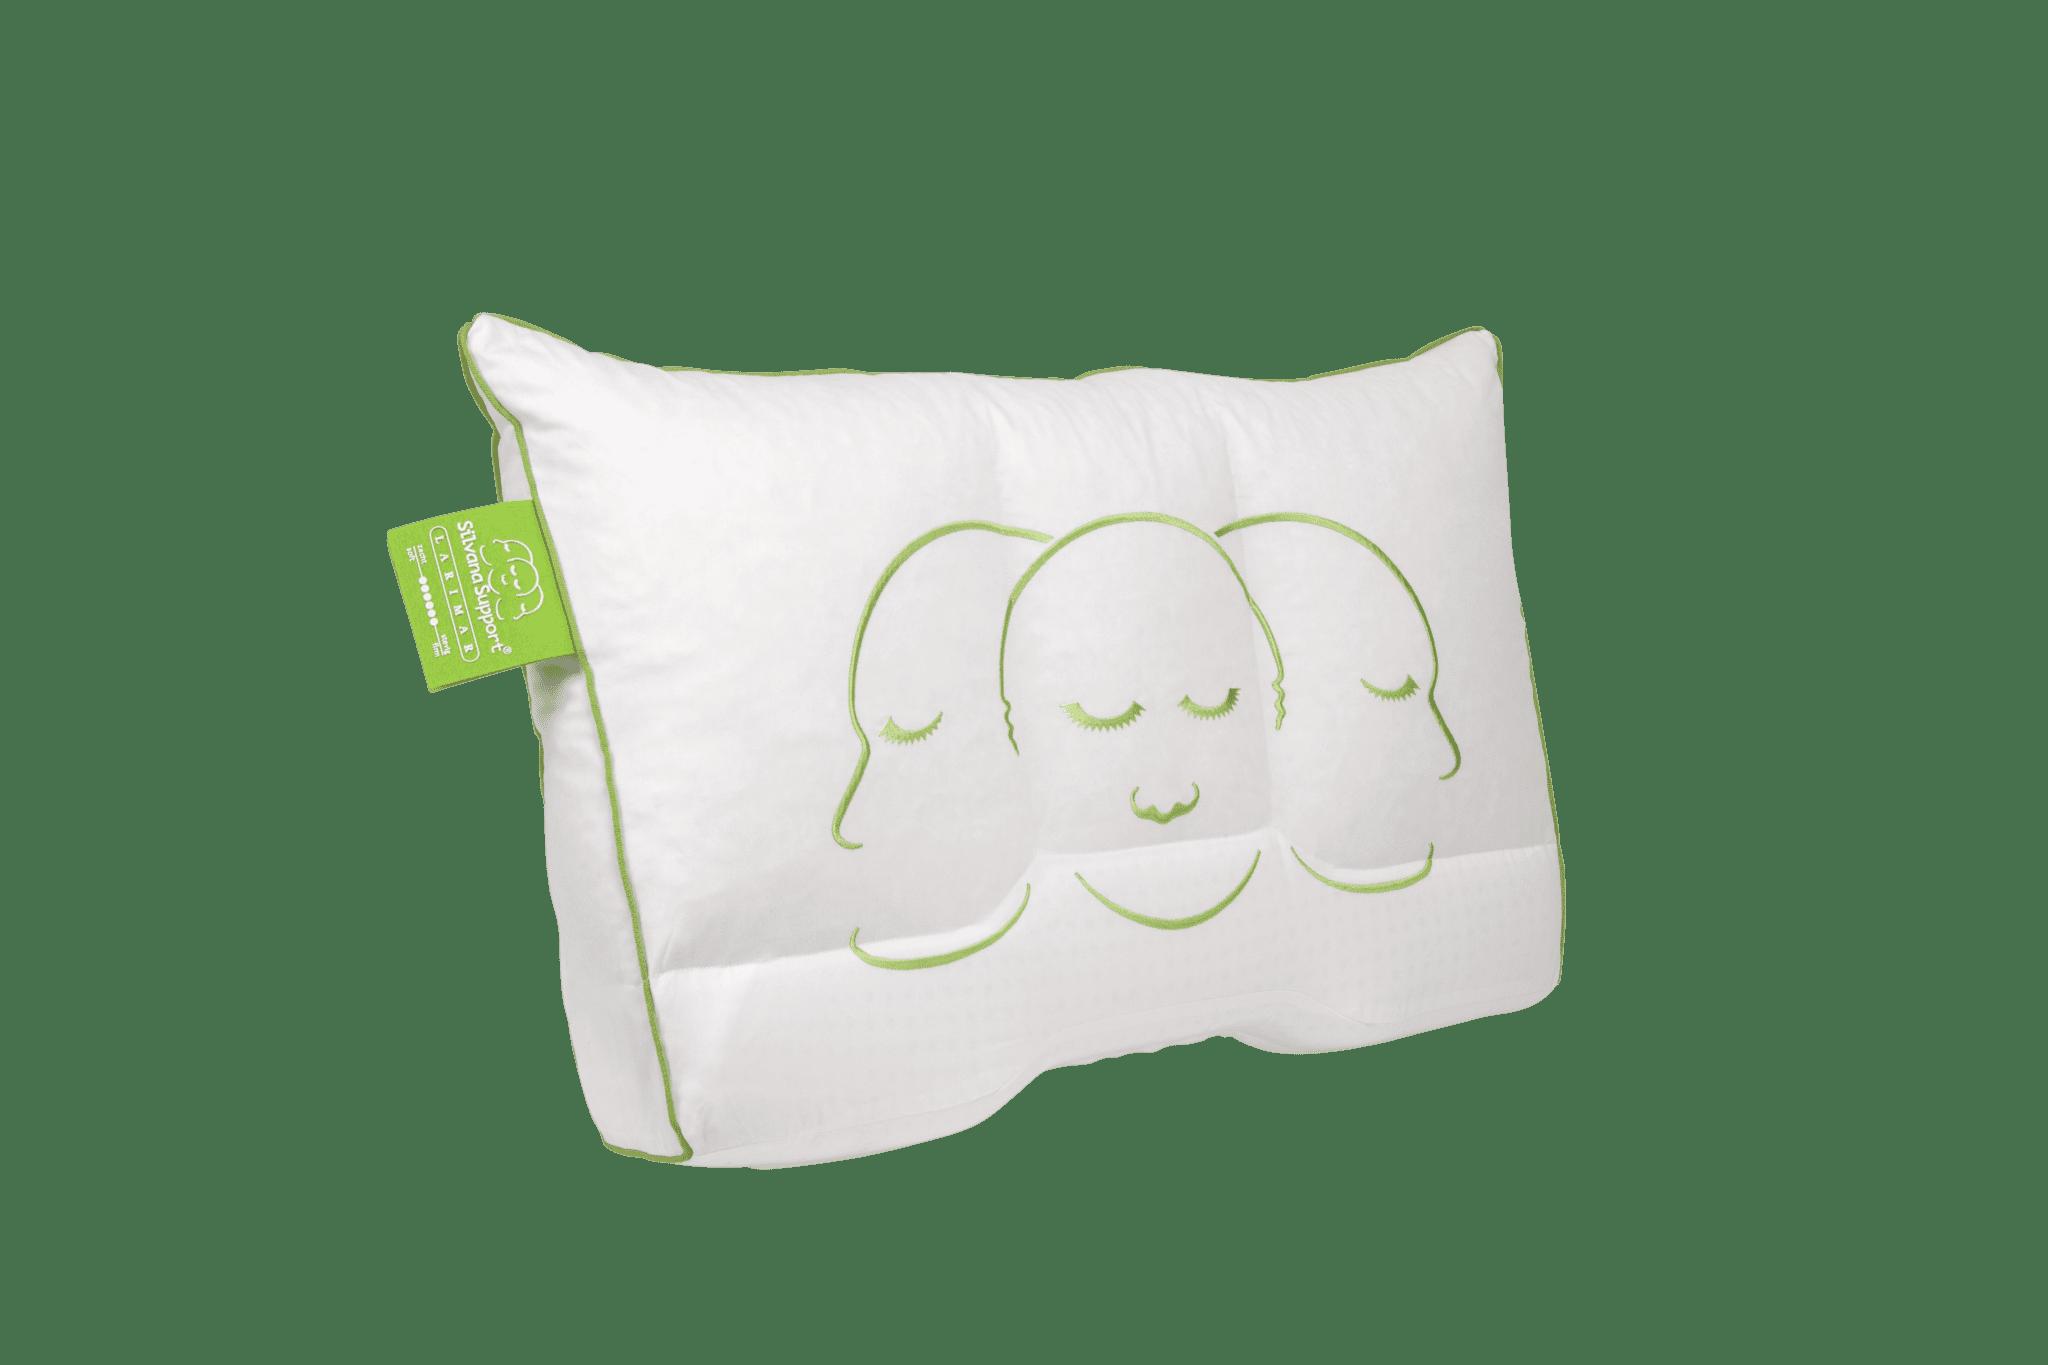 Silvana support larimar  groen slaap er op